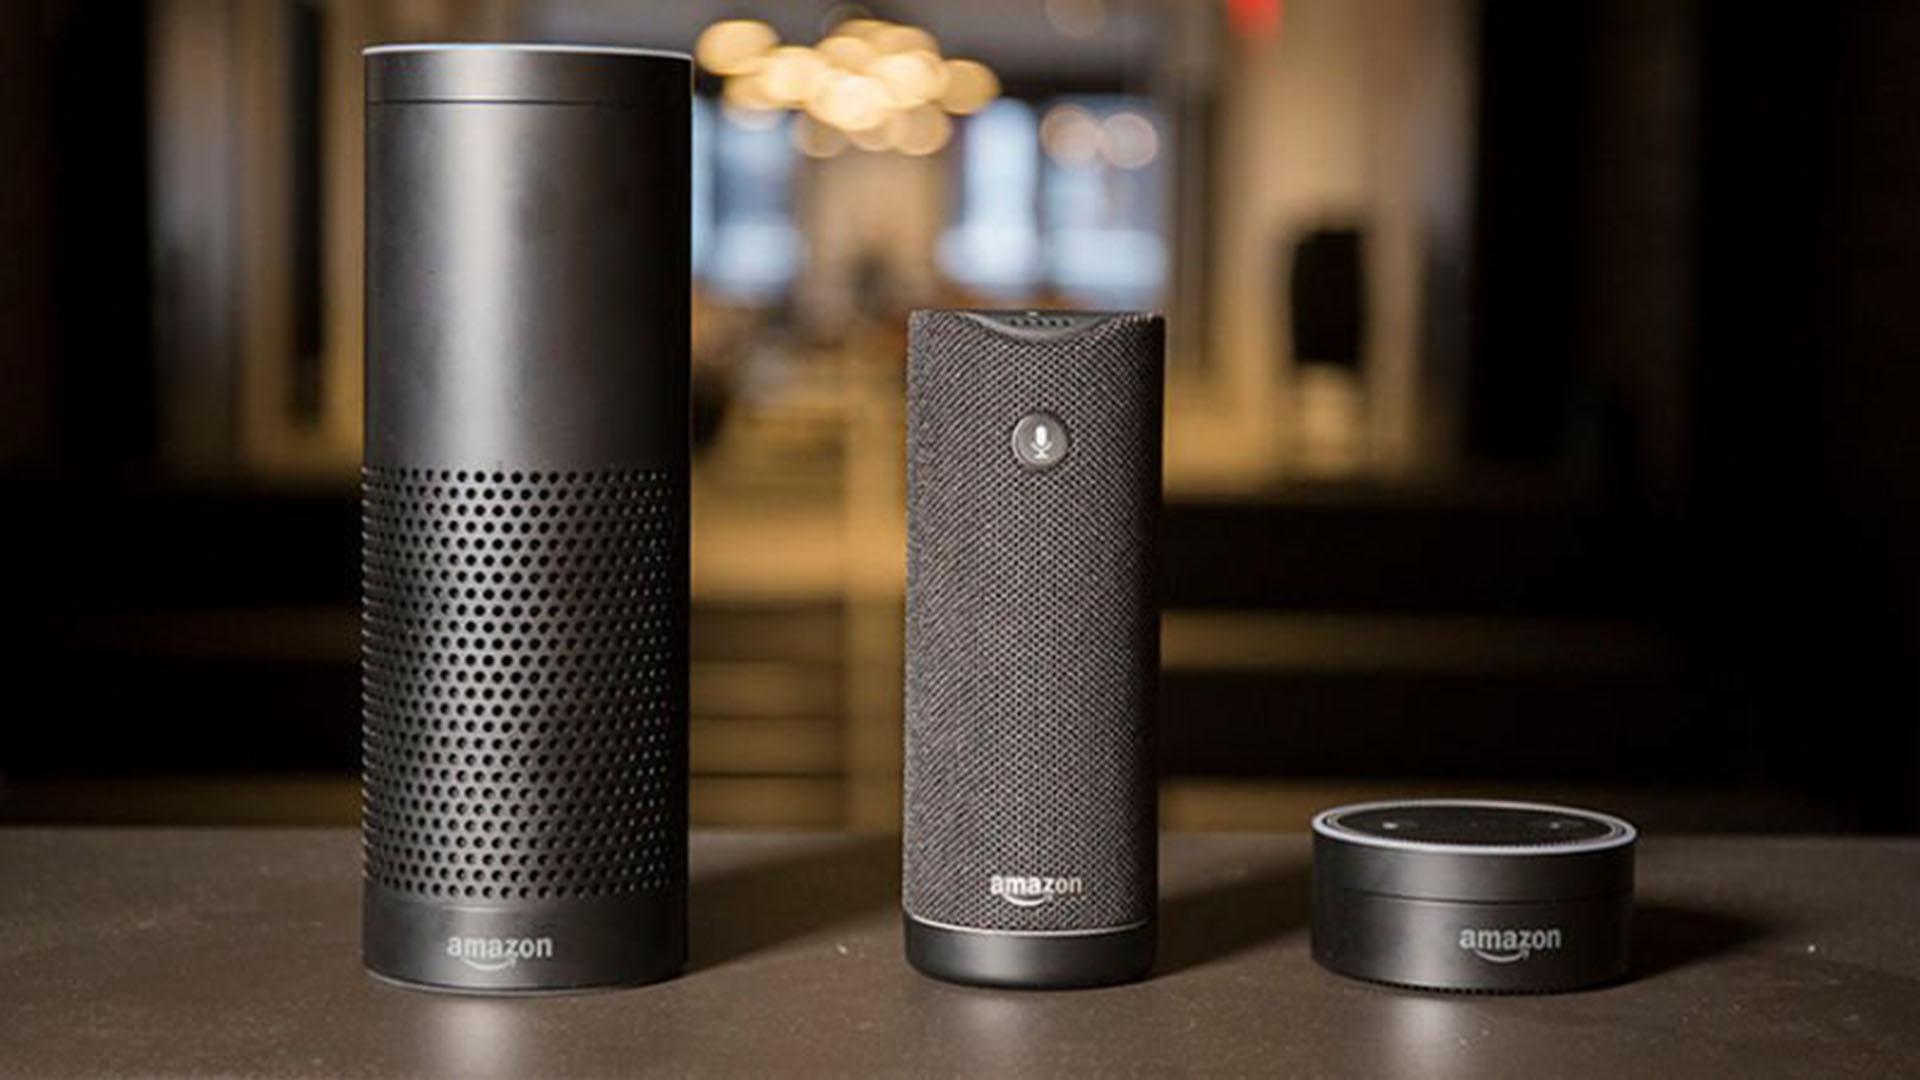 Amazon lanzó en México su línea de altavoces inteligentes con Alexa en español (Foto: @avprestige)